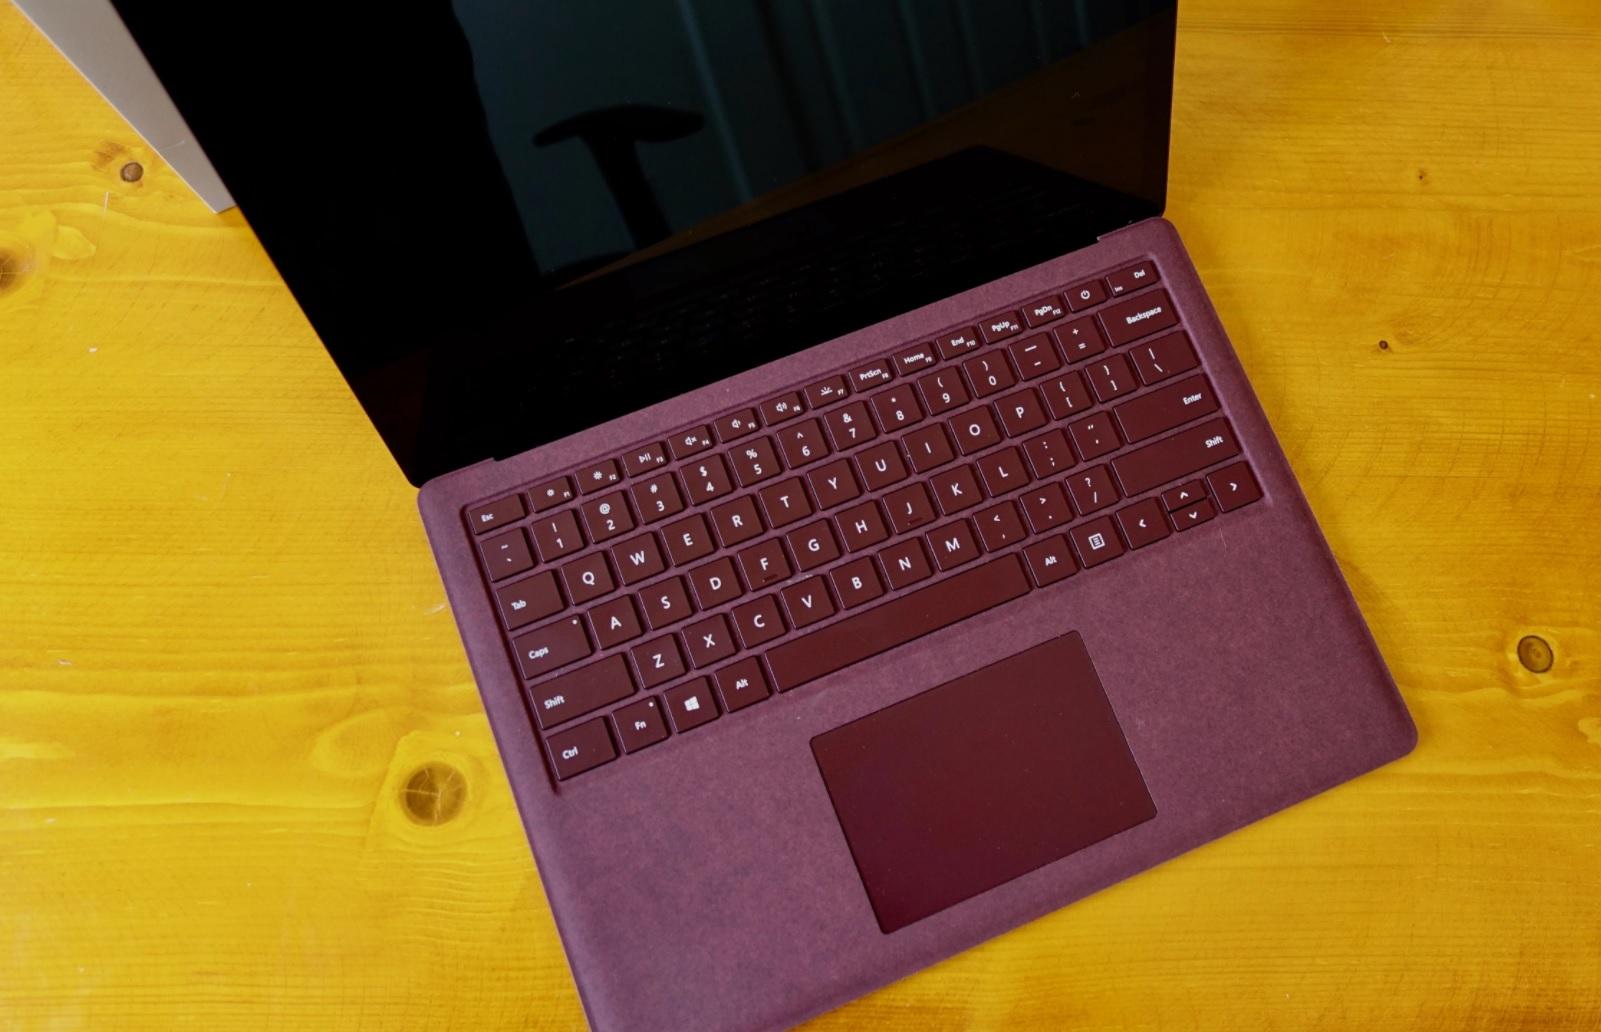 Consumer Reports anbefaler ikke lenger Laptop og Book - det er et stort problem for Microsoft, for mange forbrukere i USA bruker CR for å orientere seg i markedet.